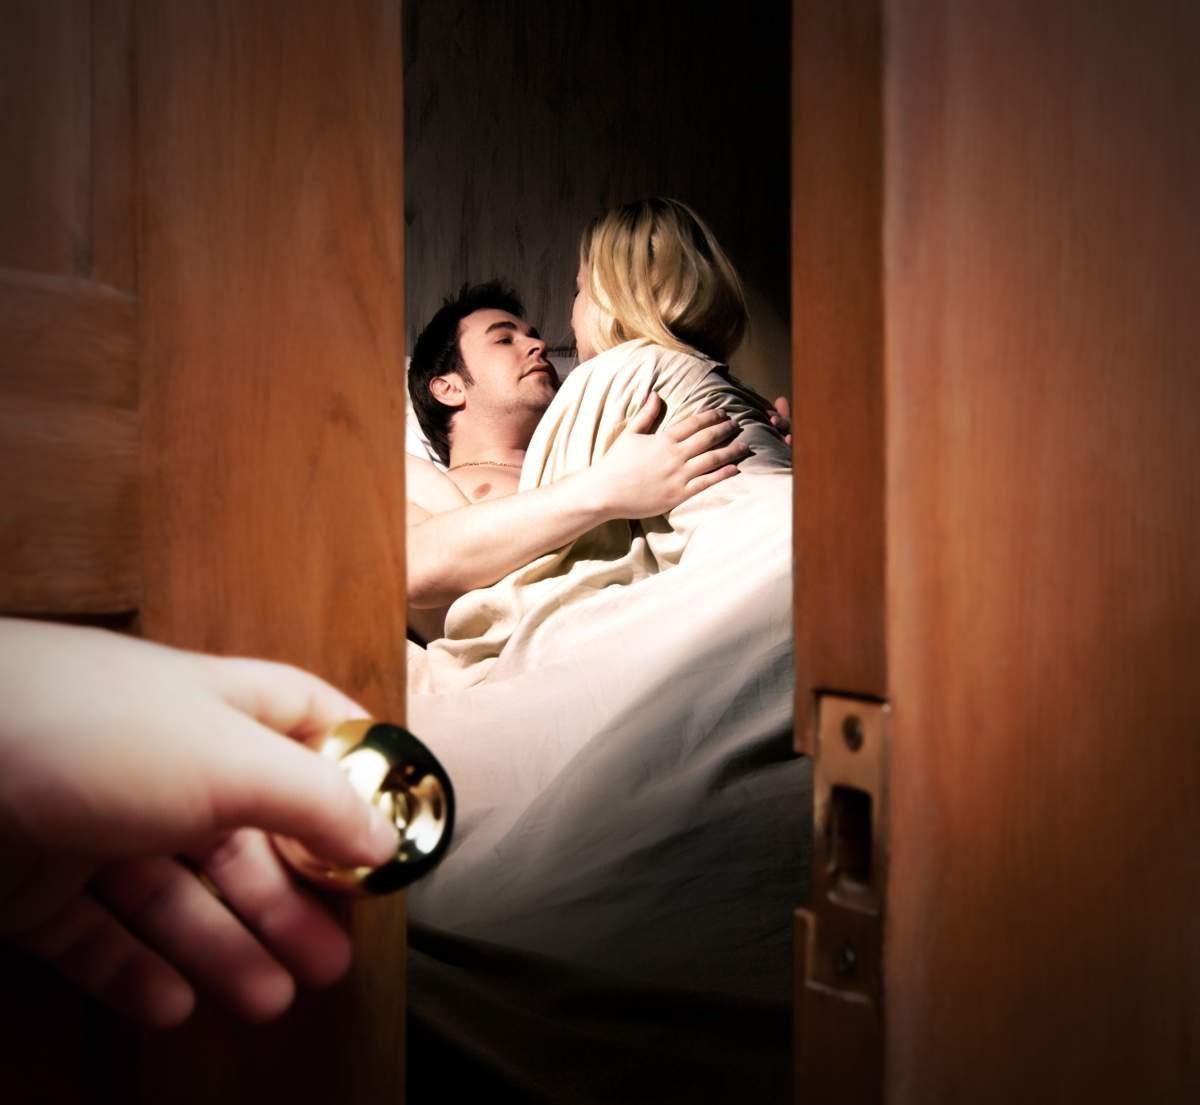 Порно жена изменяет мужу с детьми